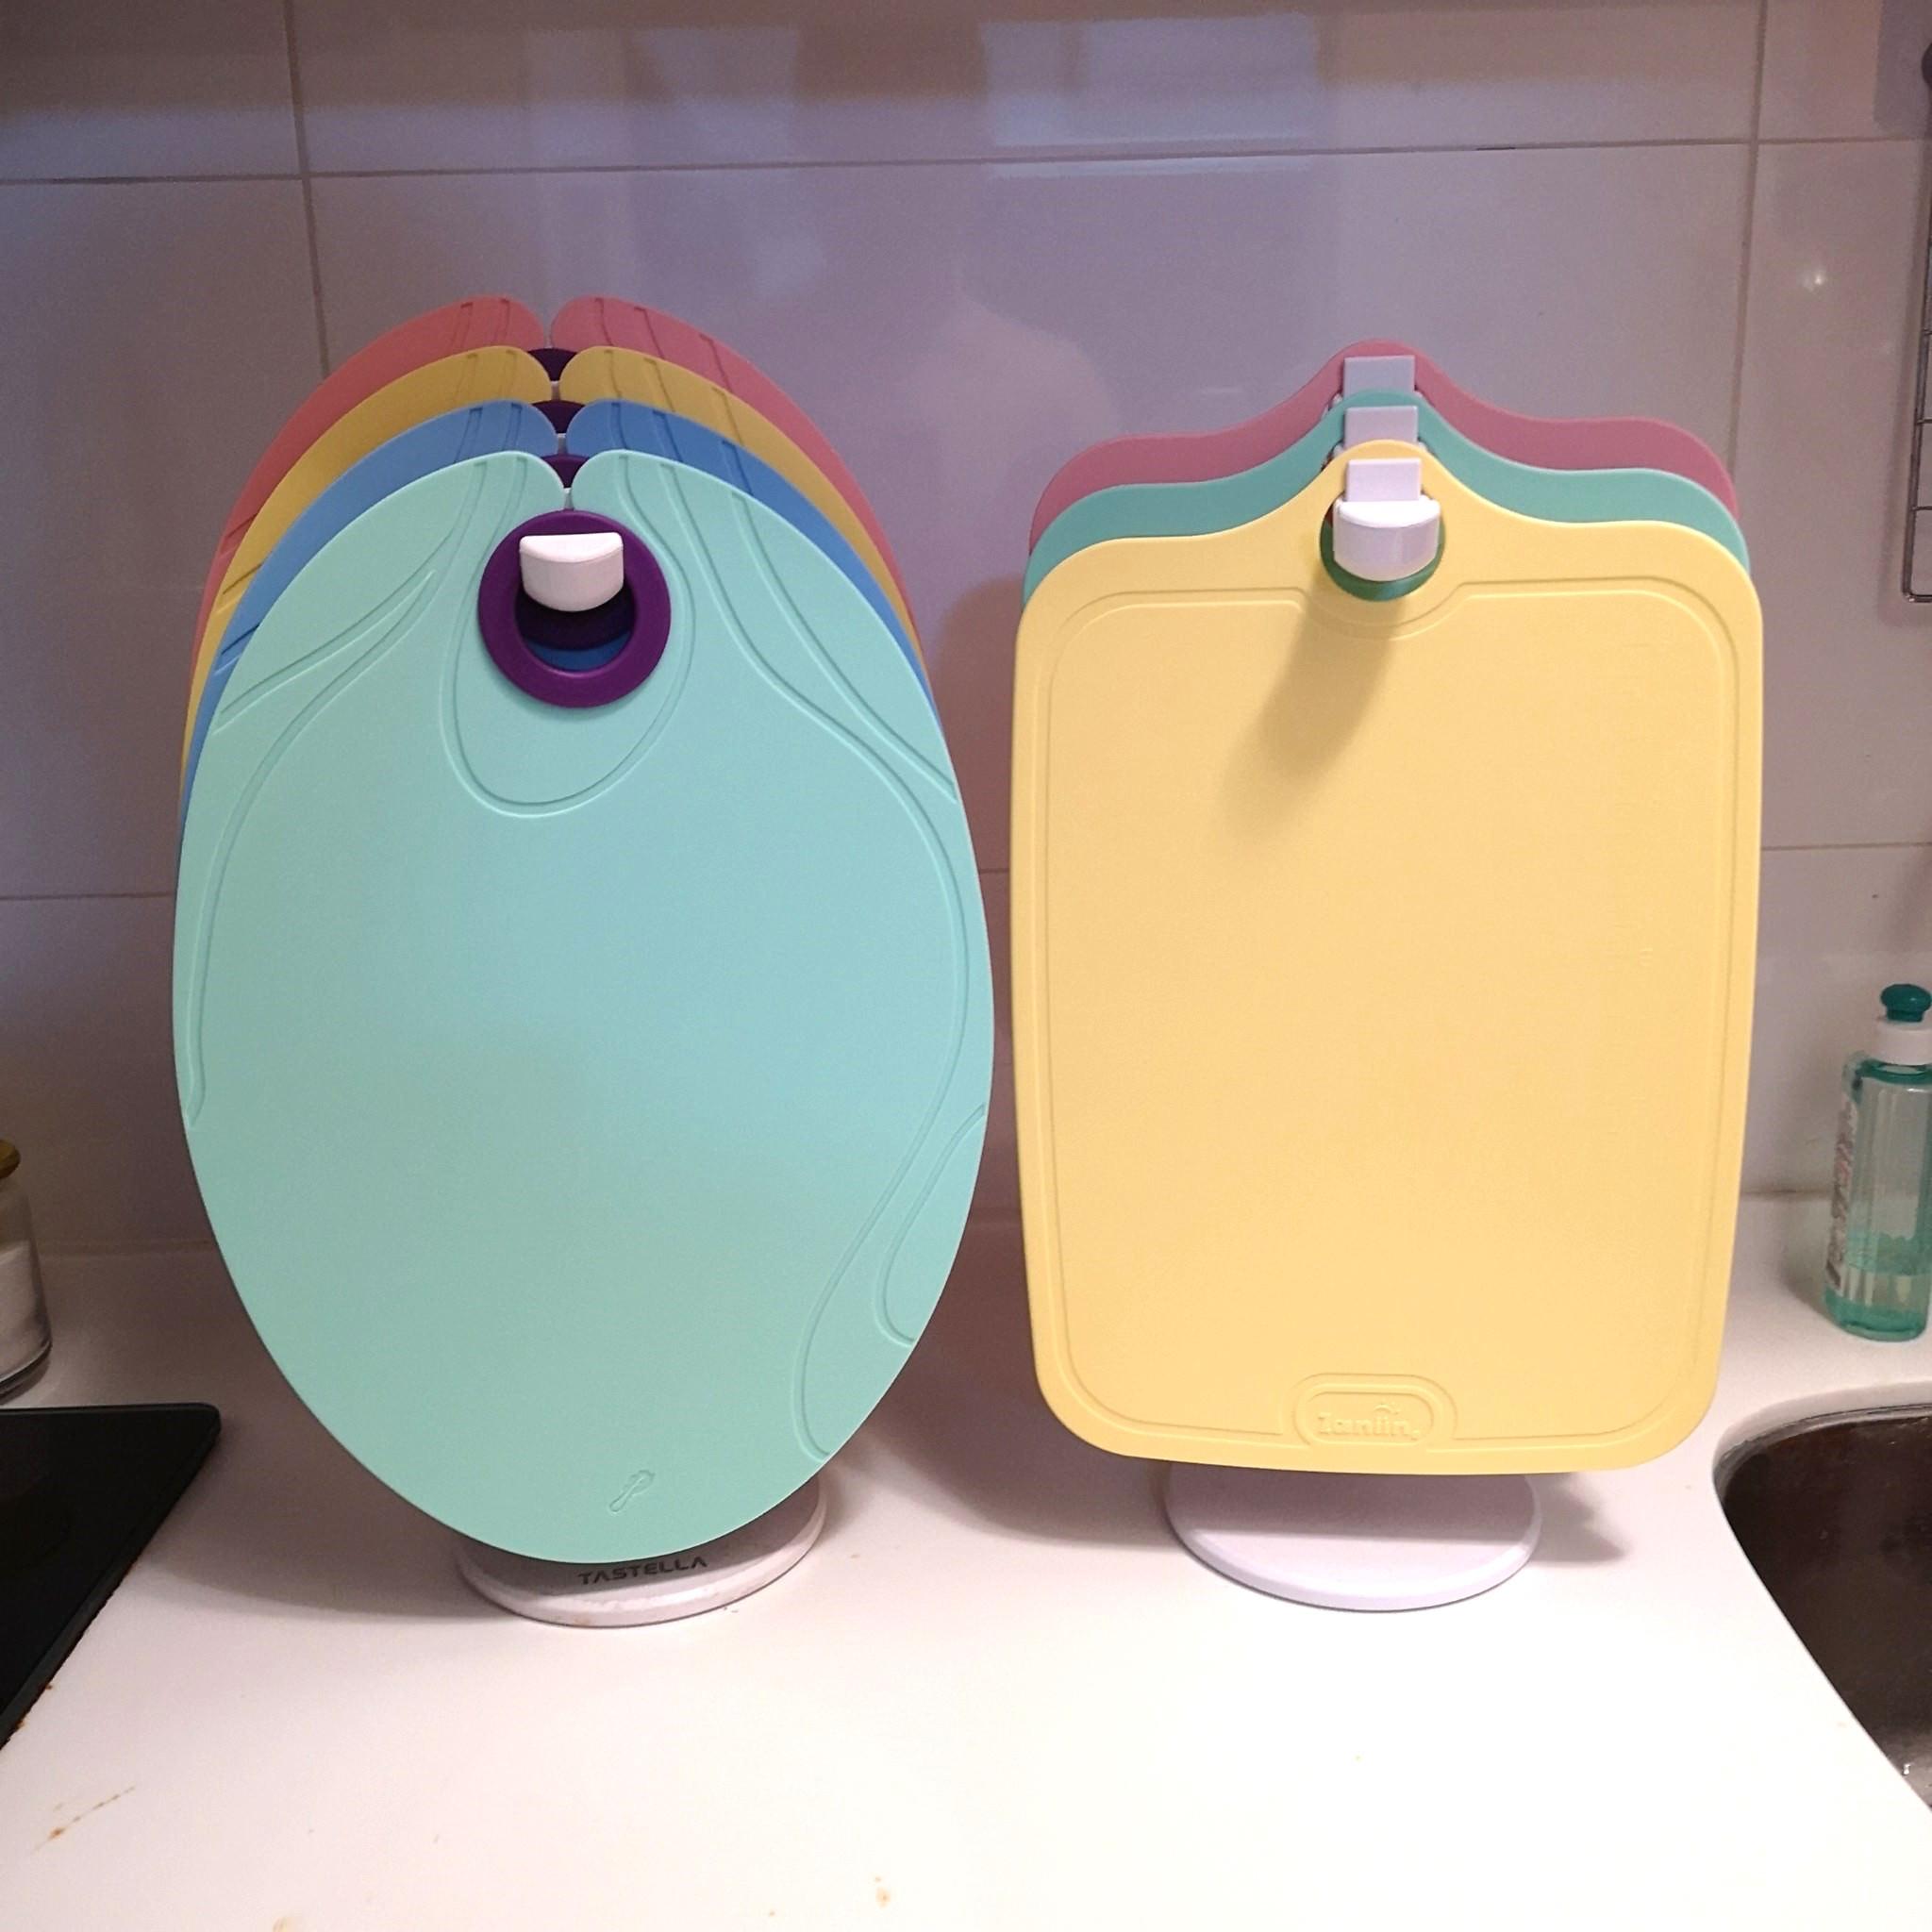 『廚房好物』廚房必備好物-Zaniin高機能耐熱環保砧板